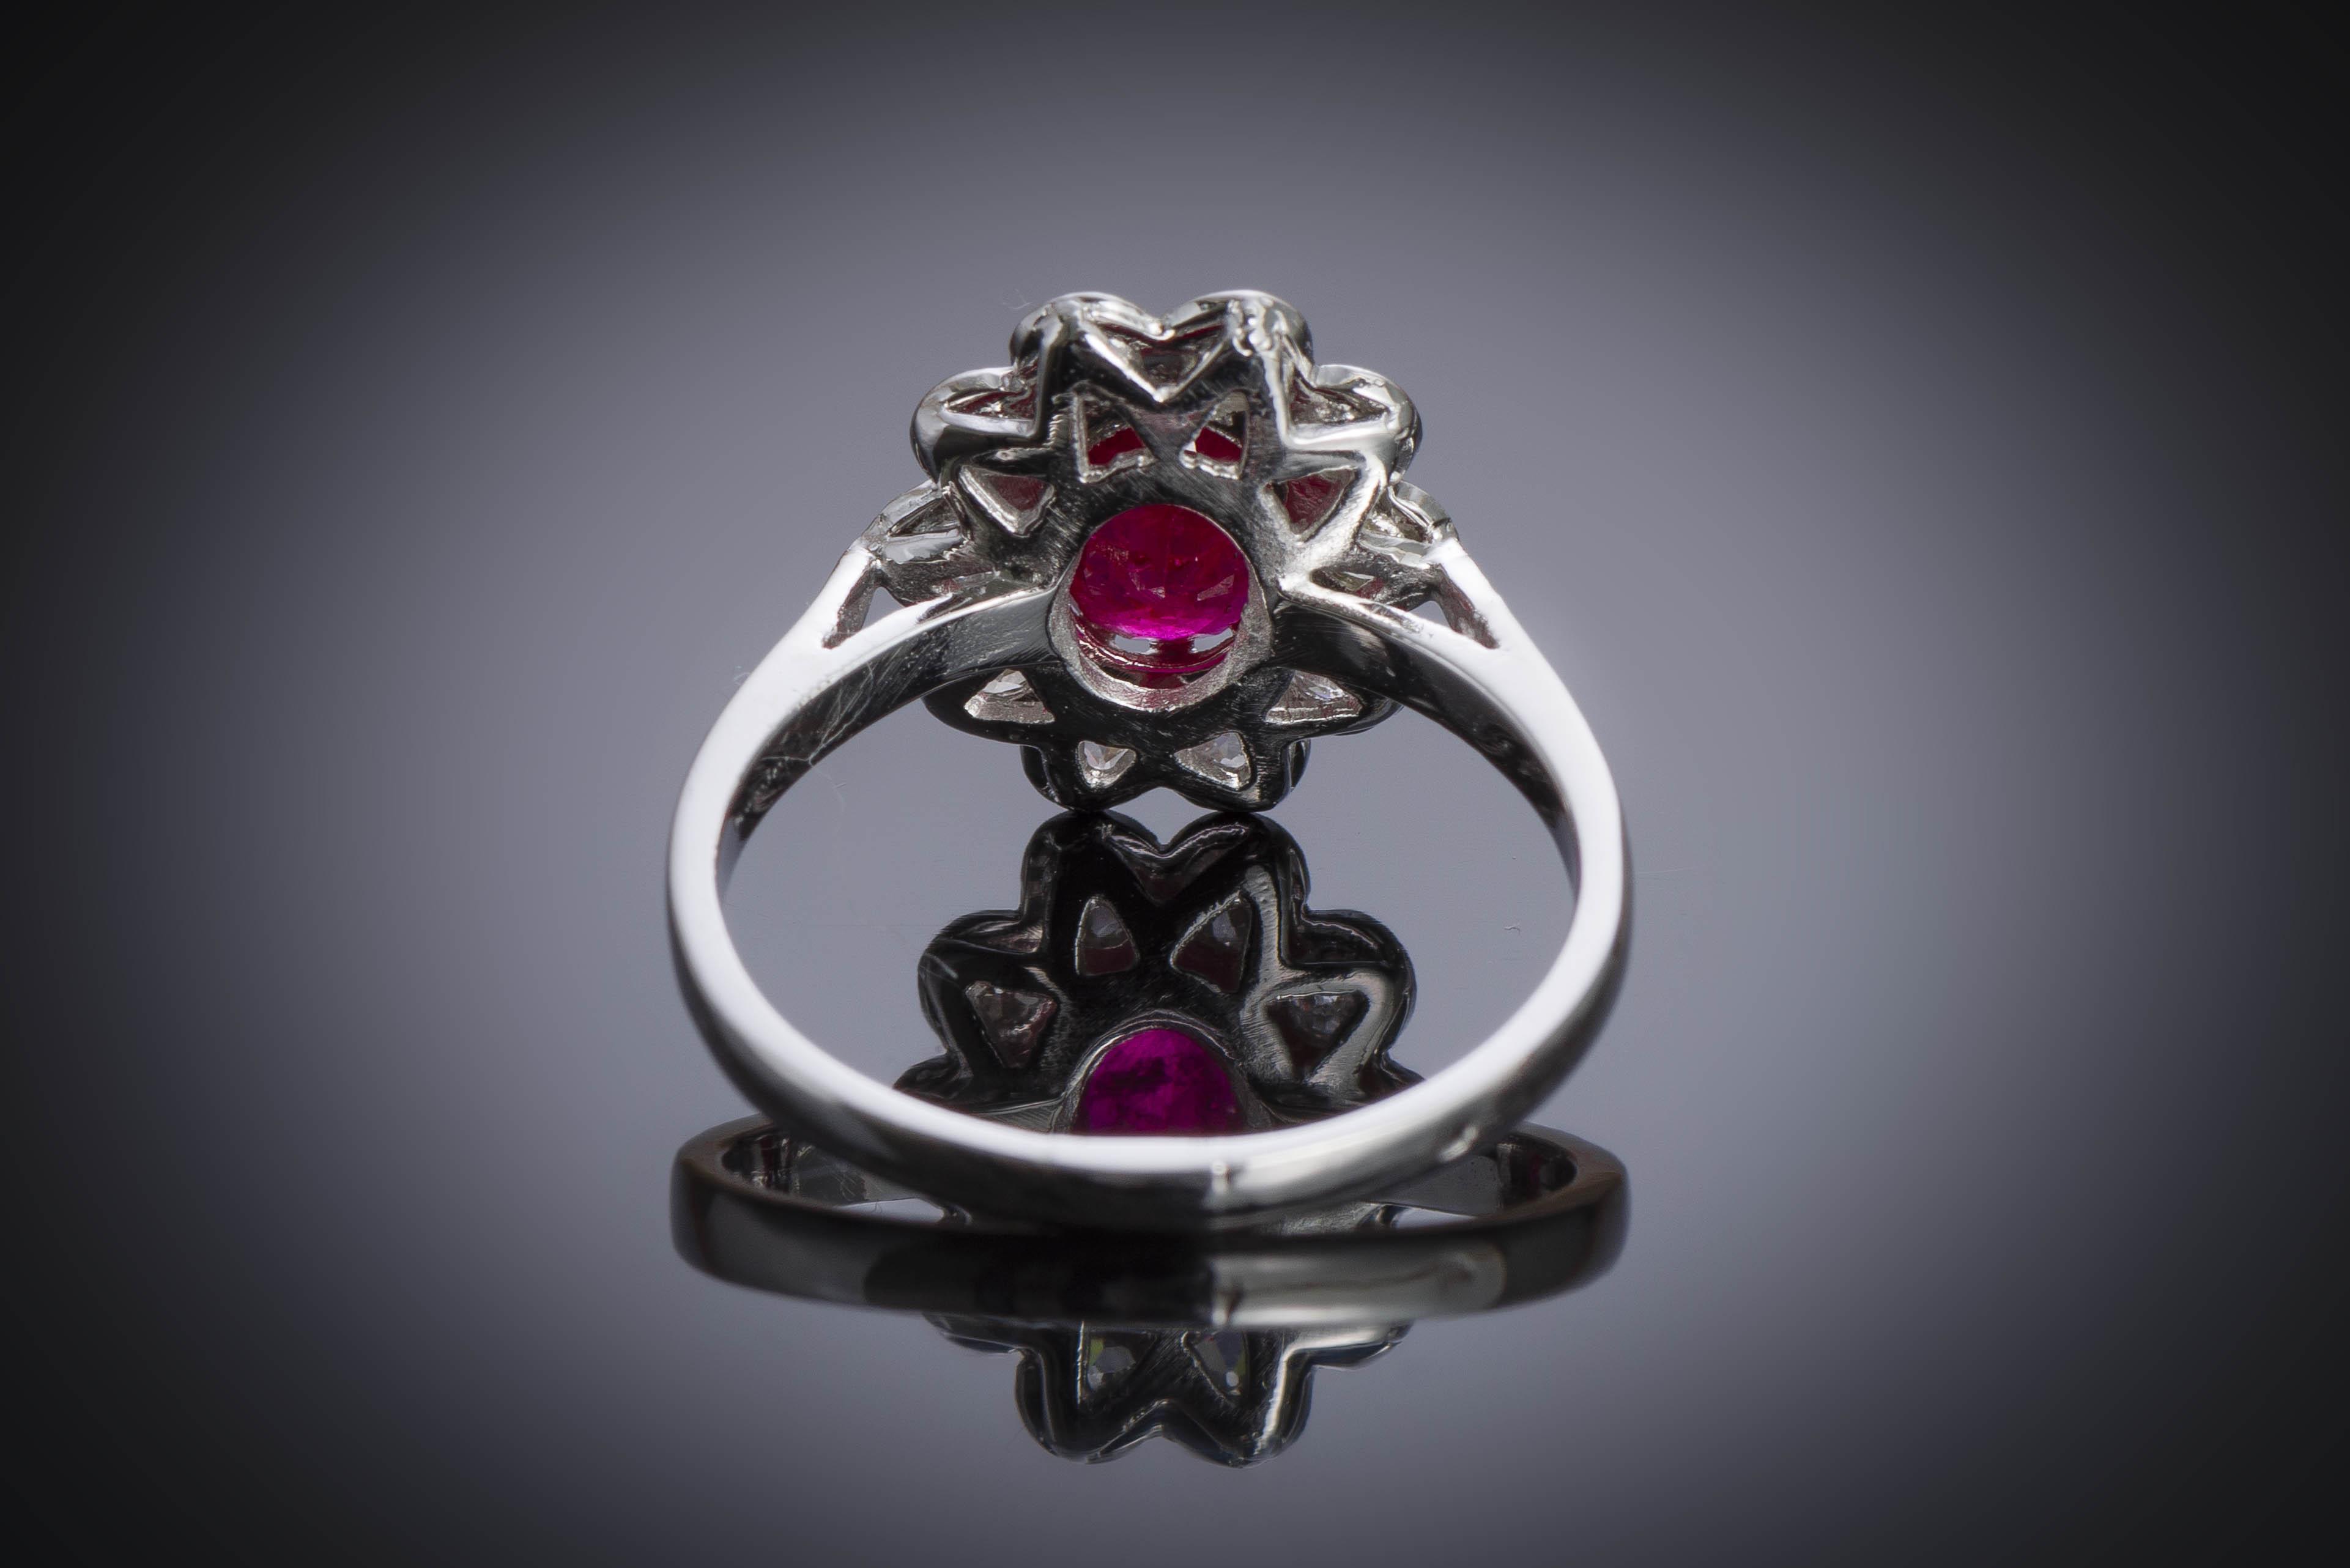 Bague vintage rubis, rouge intense (certificat laboratoire CGL) diamants, vers 1950-2